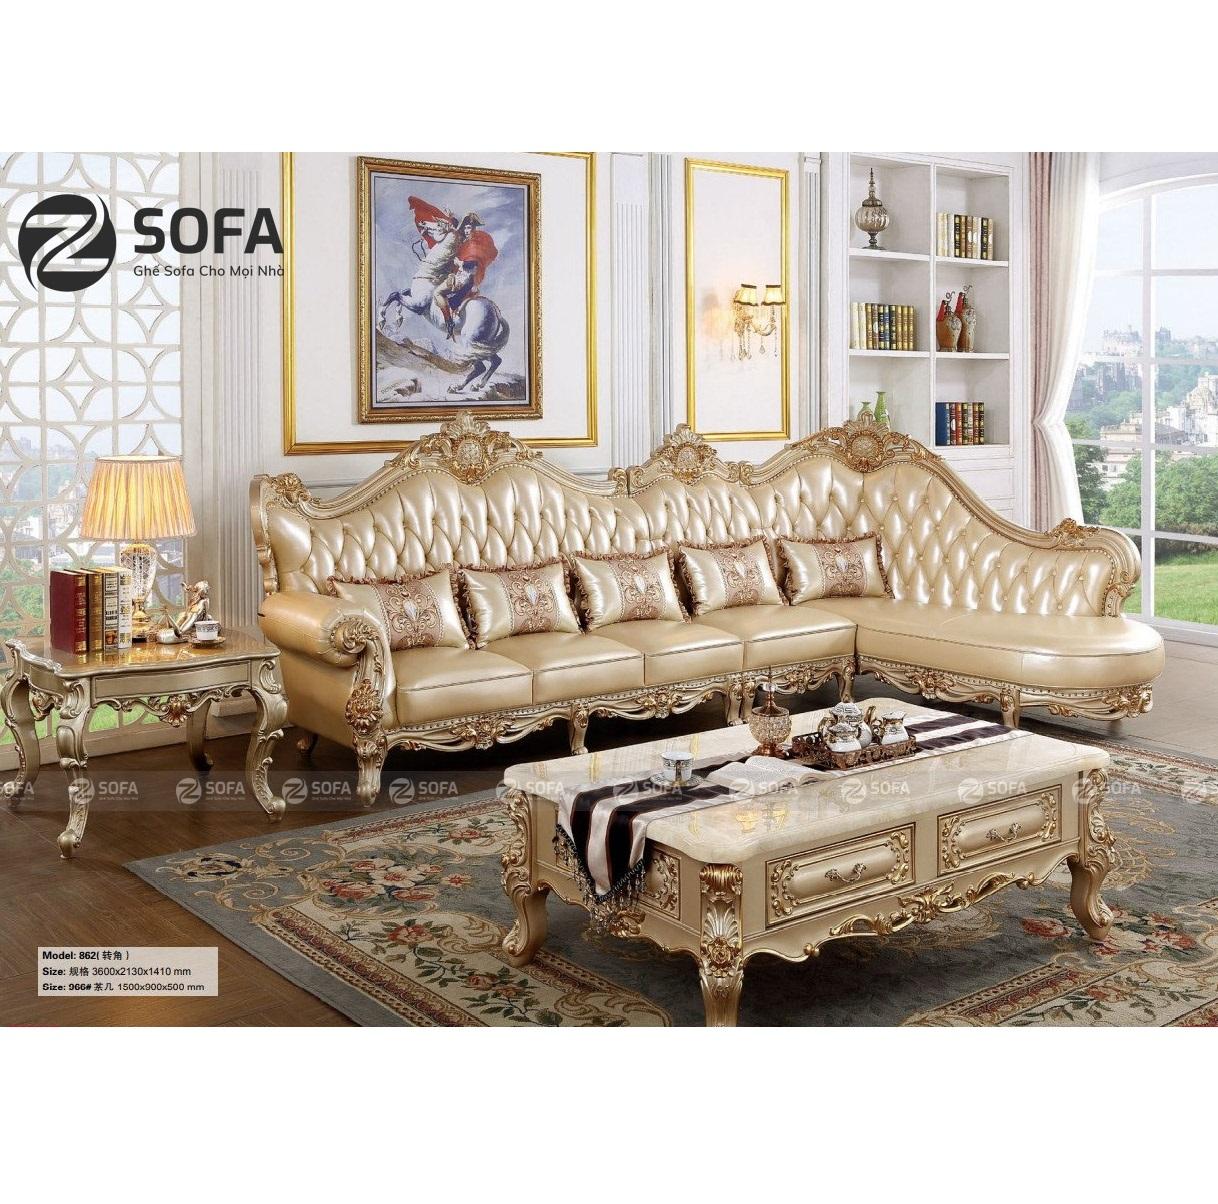 Sofa Da Bò Cổ Điển CD-L862